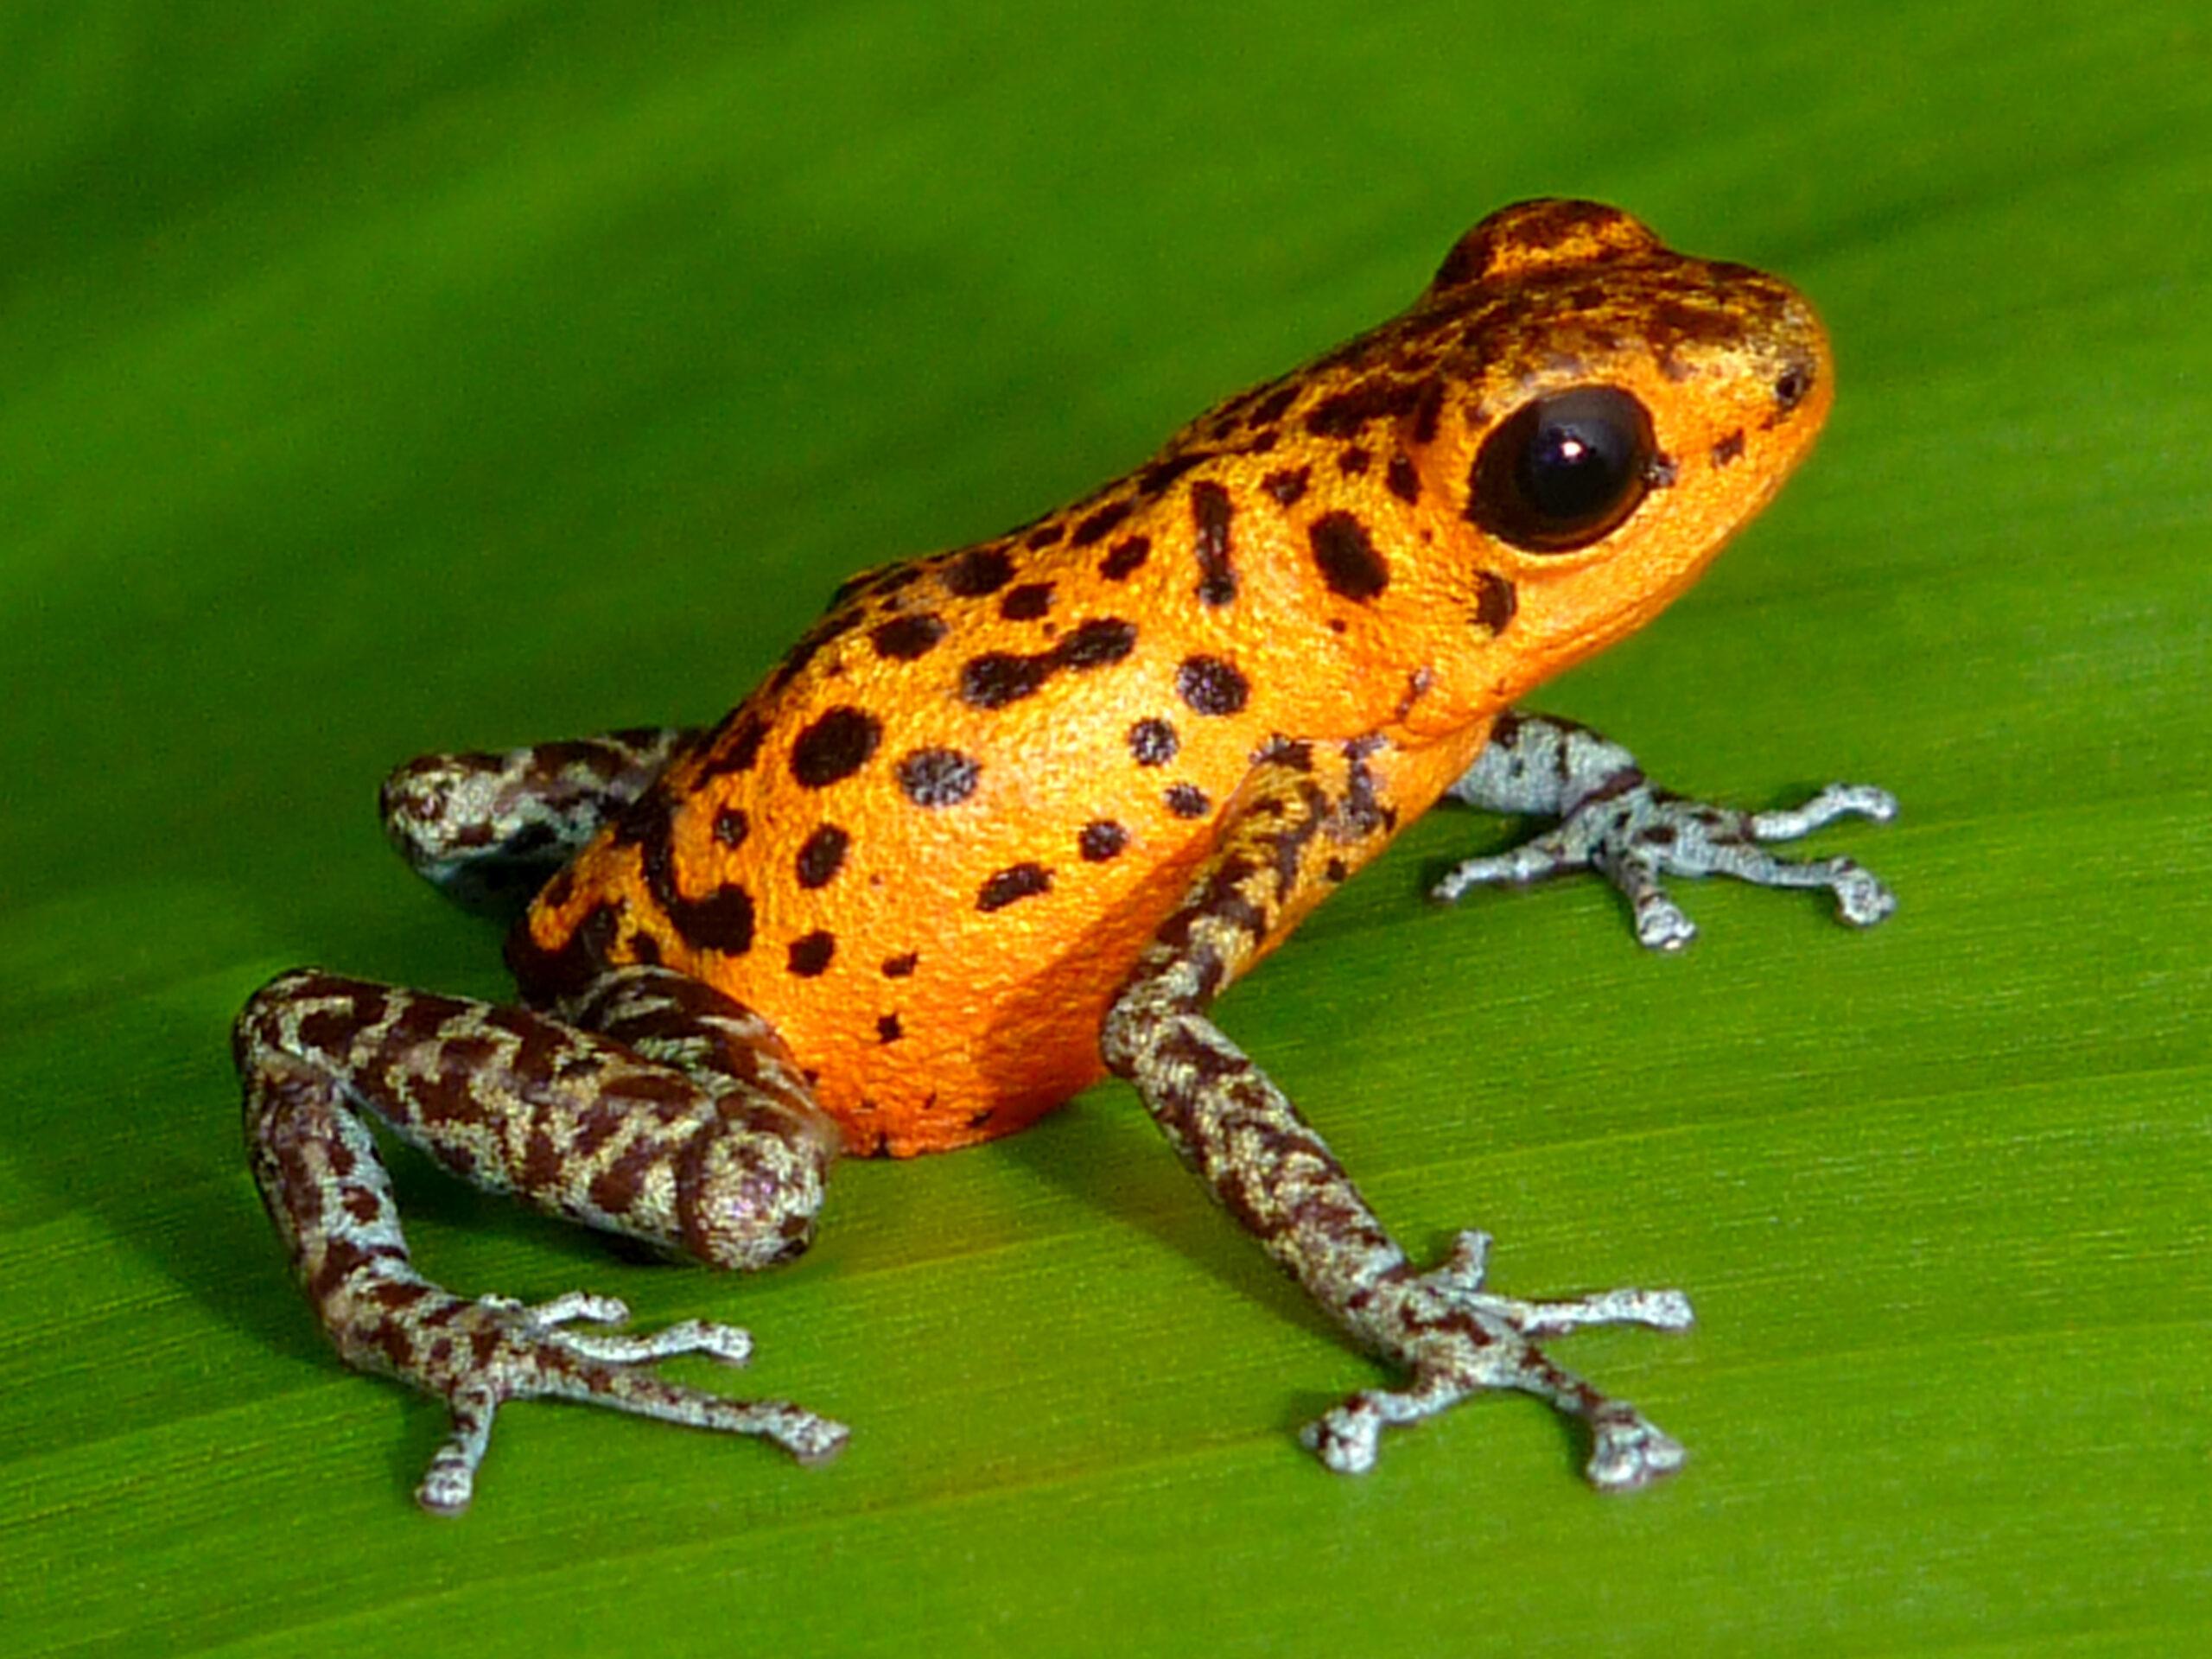 Oophaga pumilio from Rio Branco, Bocas del Toro, Panama - by C. Van Der Lingen.